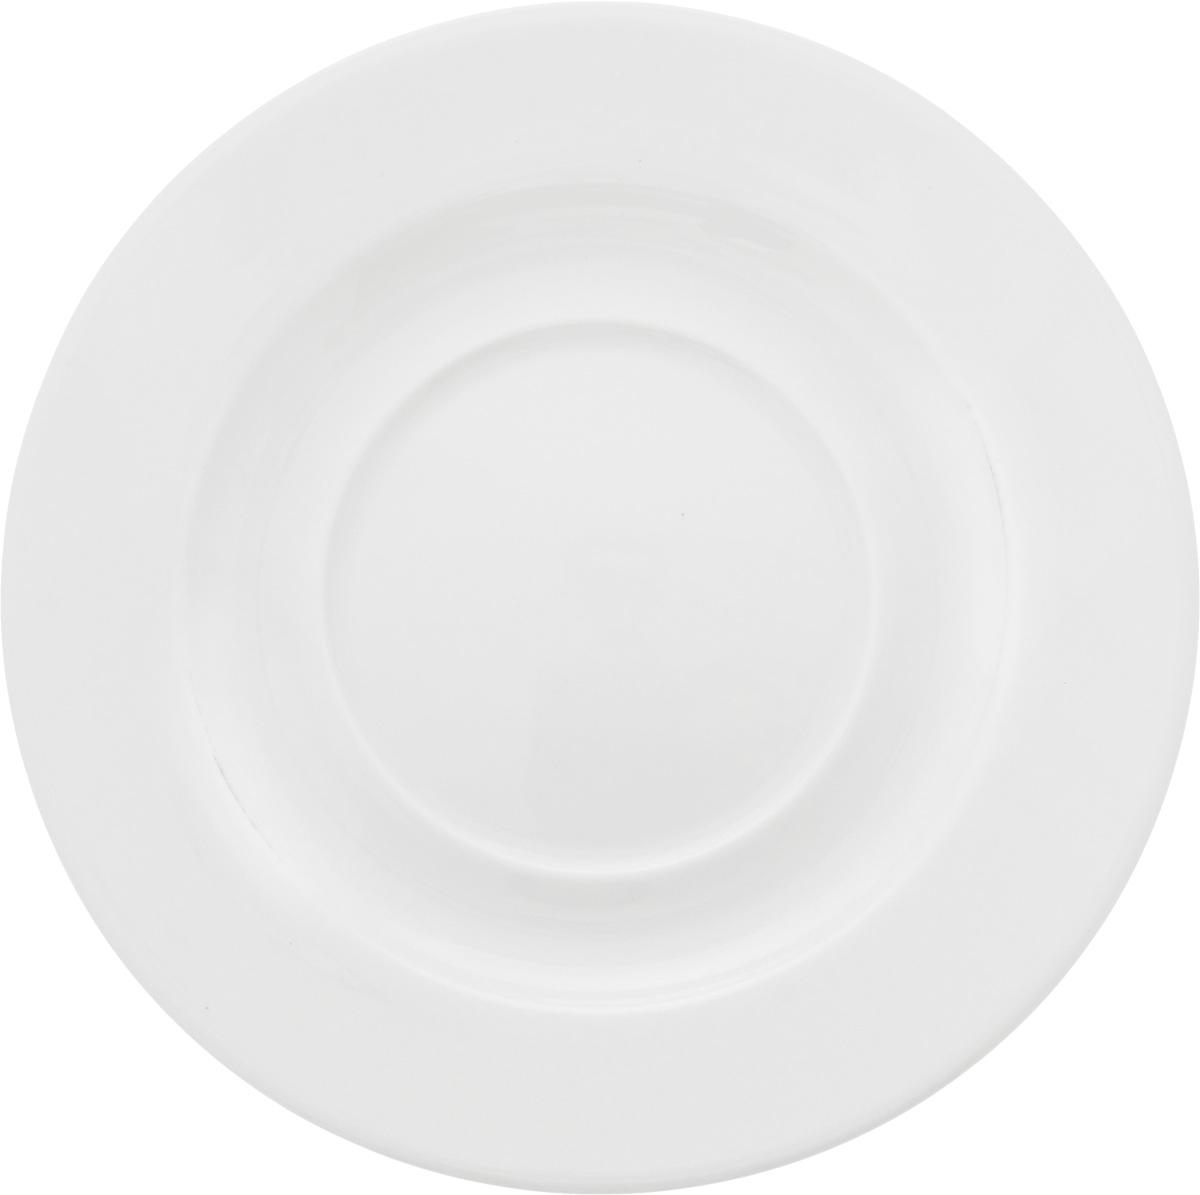 """Оригинальное блюдце Ariane """"Прайм"""" изготовлено из фарфора с глазурованным покрытием. Изделие сочетает в себе классический дизайн с максимальной функциональностью. Блюдце прекрасно впишется в интерьер вашей кухни и станет достойным дополнением к кухонному инвентарю. Можно мыть в посудомоечной машине и использовать в микроволновой печи.  Диаметр блюдца (по верхнему краю): 16,5 см.  Высота блюдца: 2 см."""